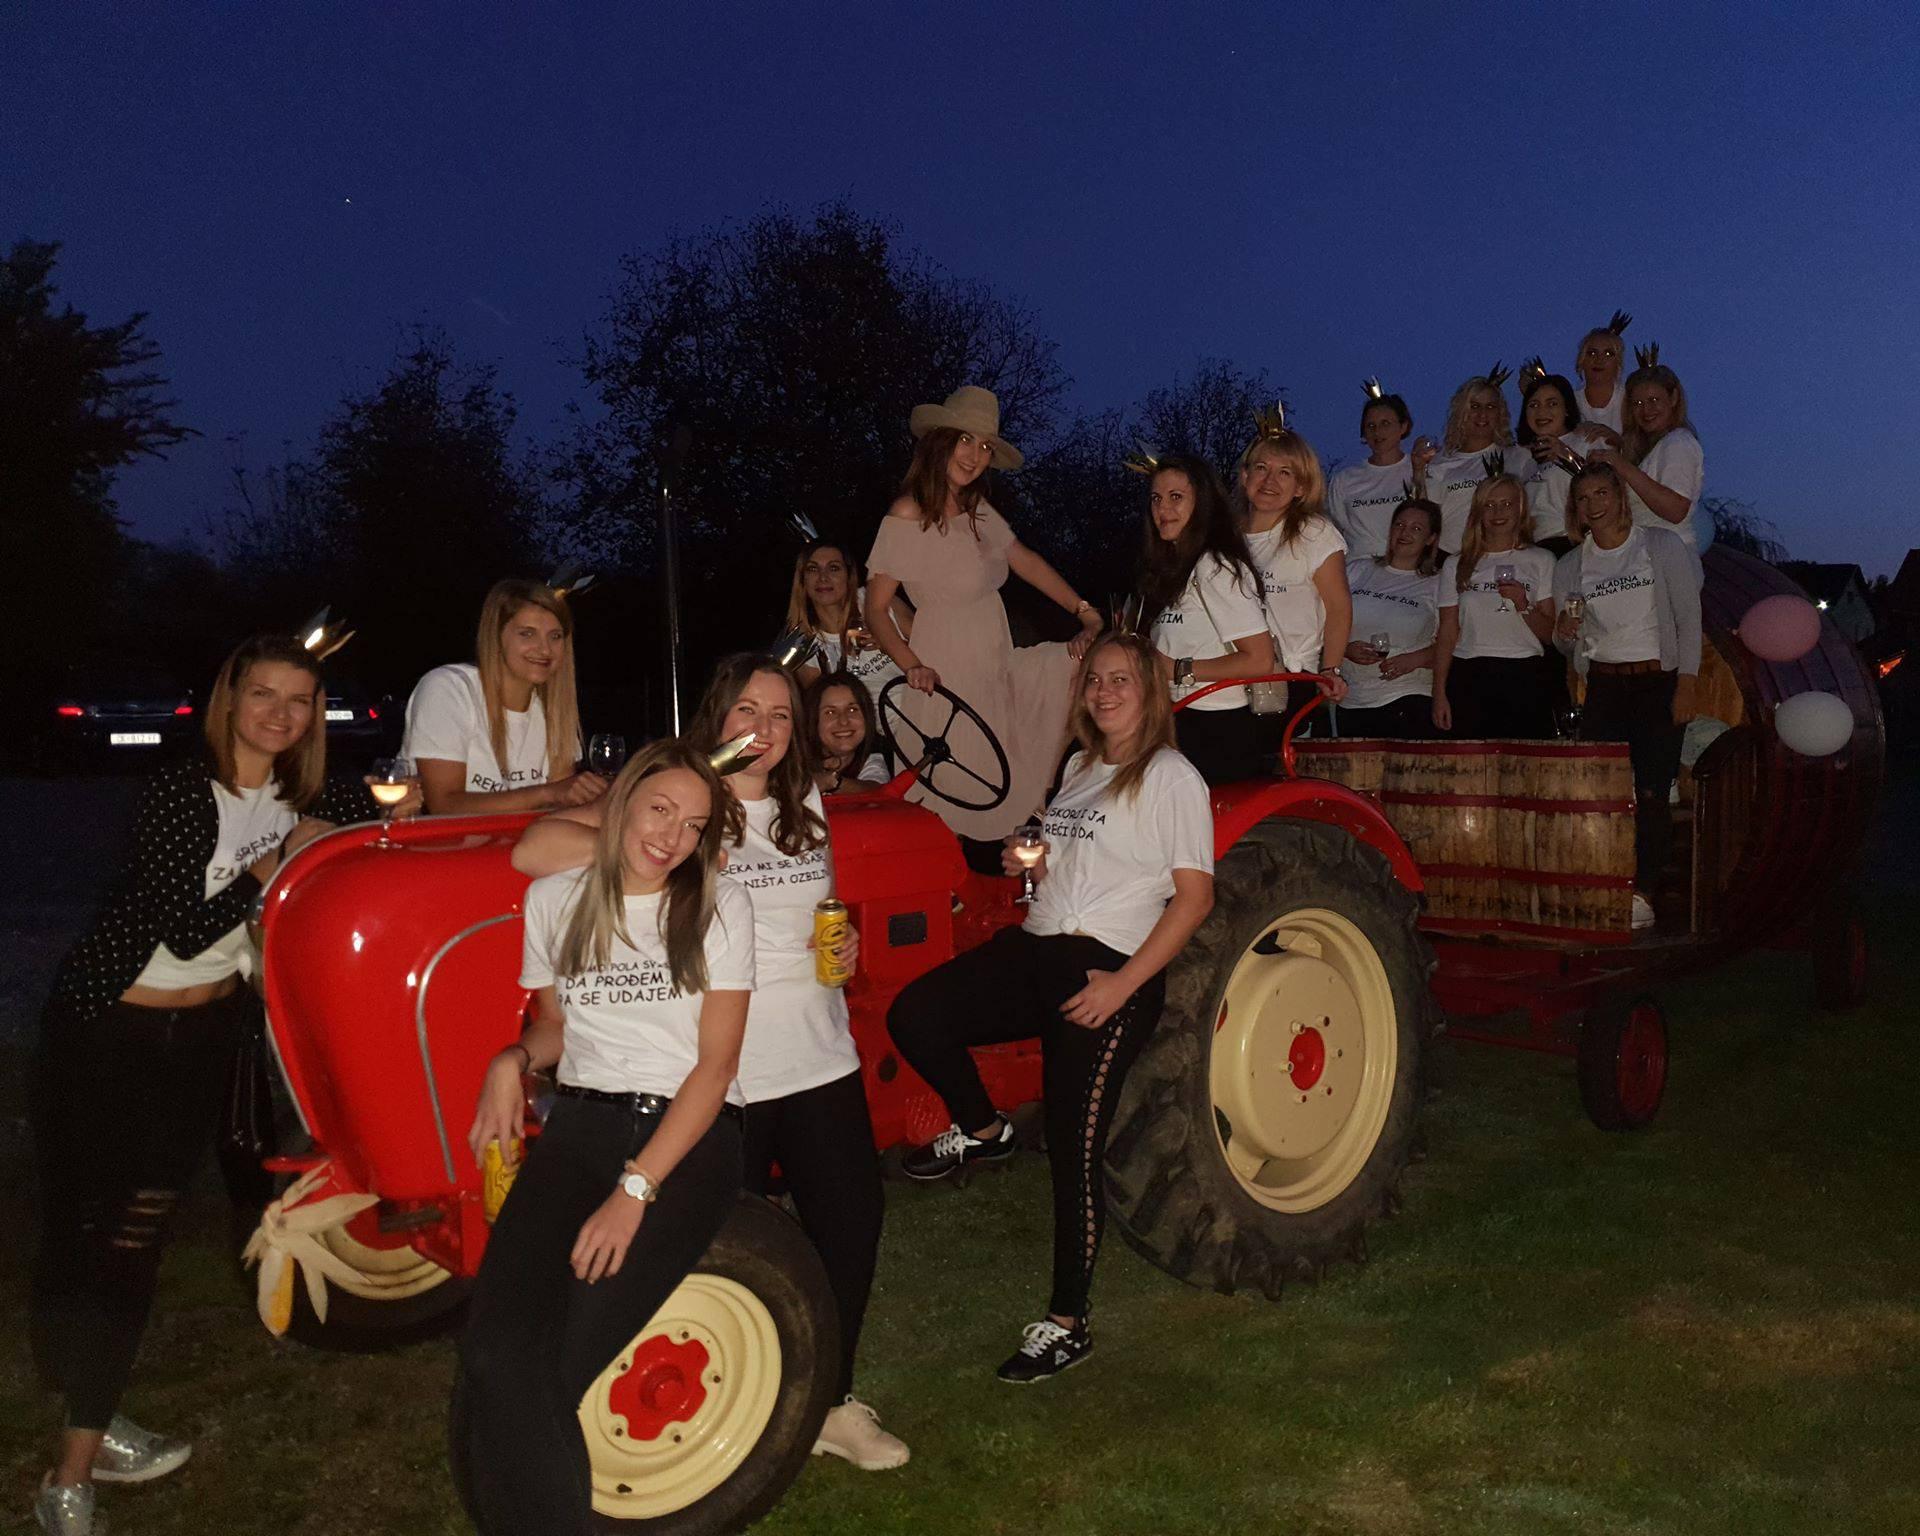 U brak je vozi traktorska limuzina s vinskim bačvama